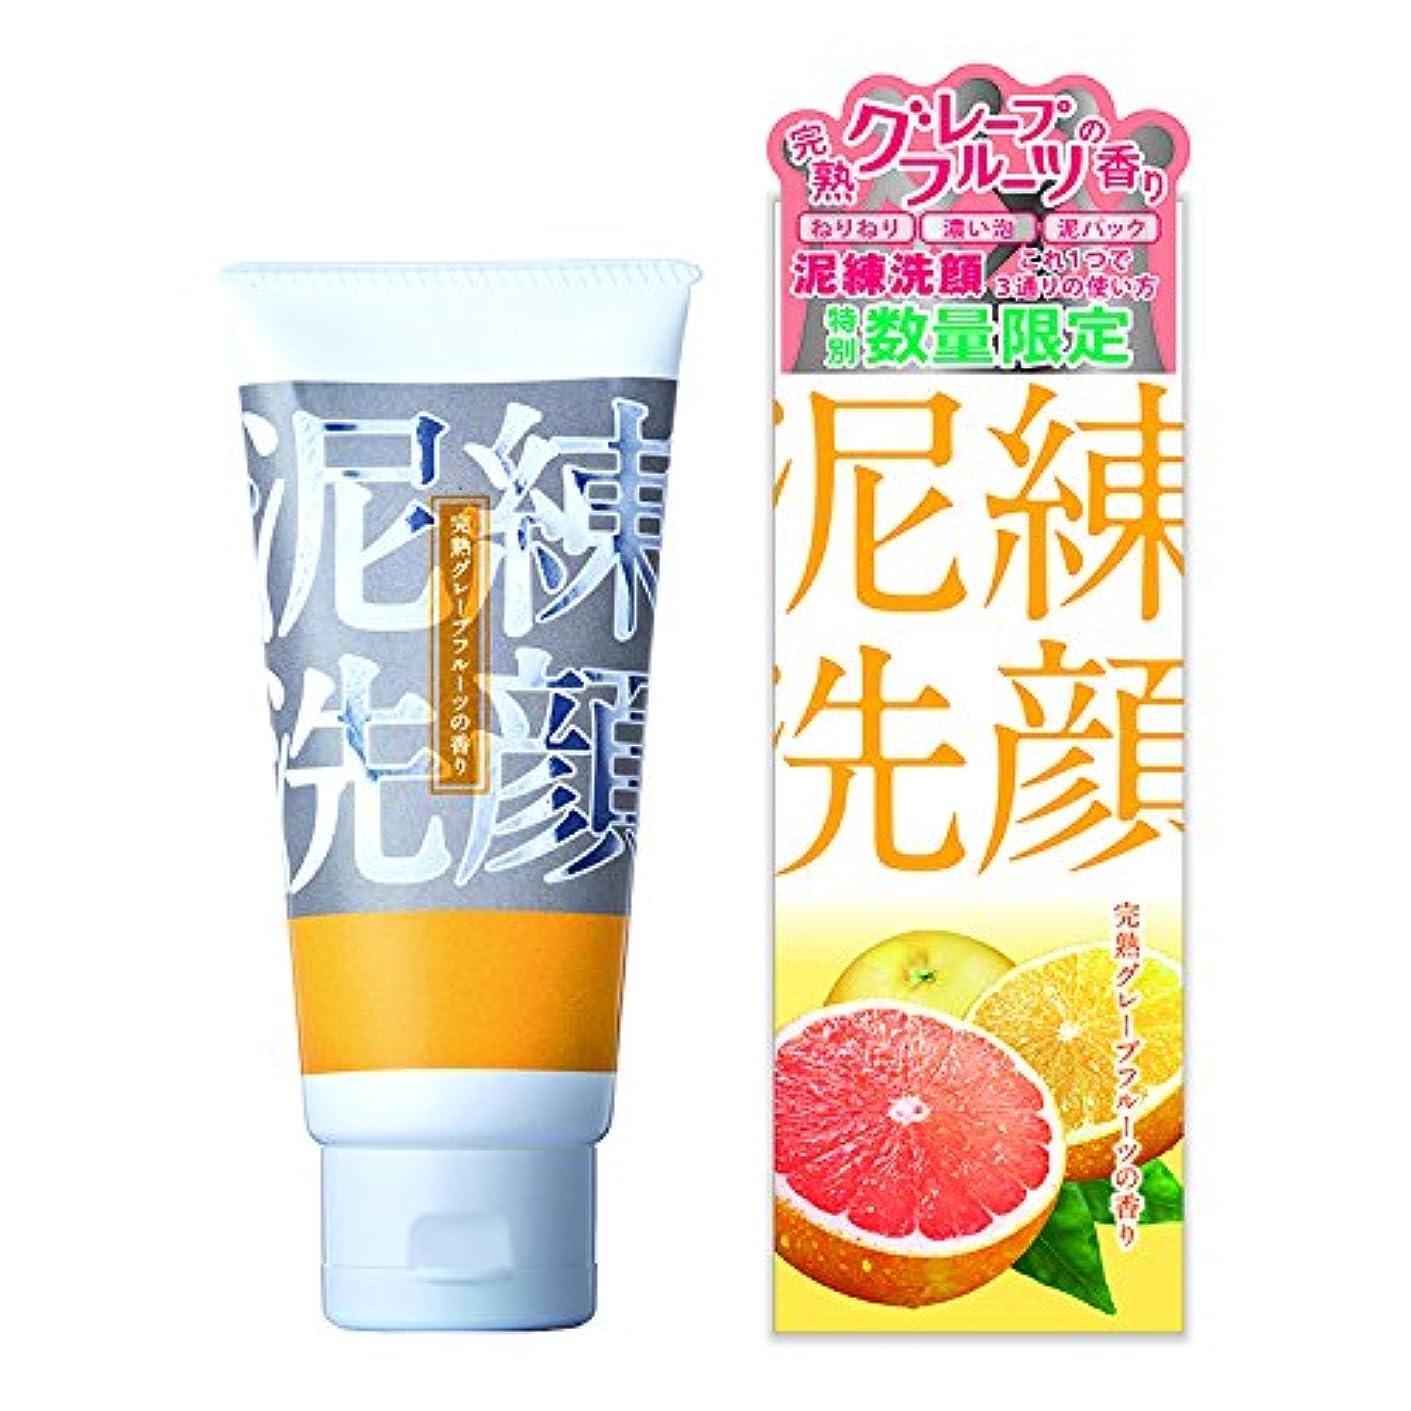 自動オリエンタル感謝泥練洗顔 完熟グレープフルーツの香り 120g【泥 洗顔 6種の泥で 黒ずみ 毛穴 洗浄 3つの使い方】